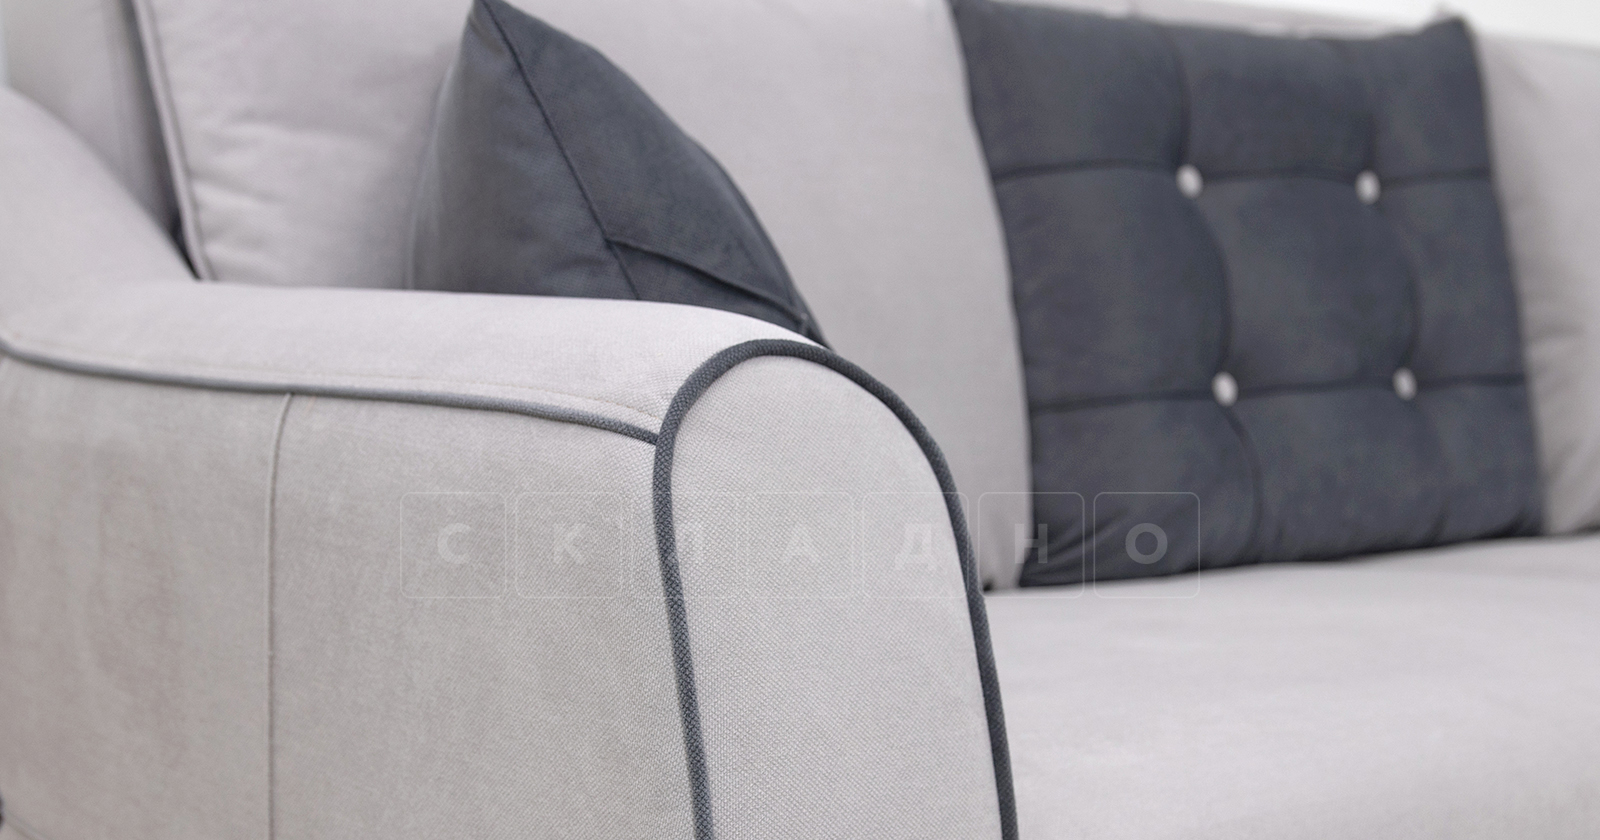 Диван-кровать Флэтфорд светло-серый фото 6 | интернет-магазин Складно